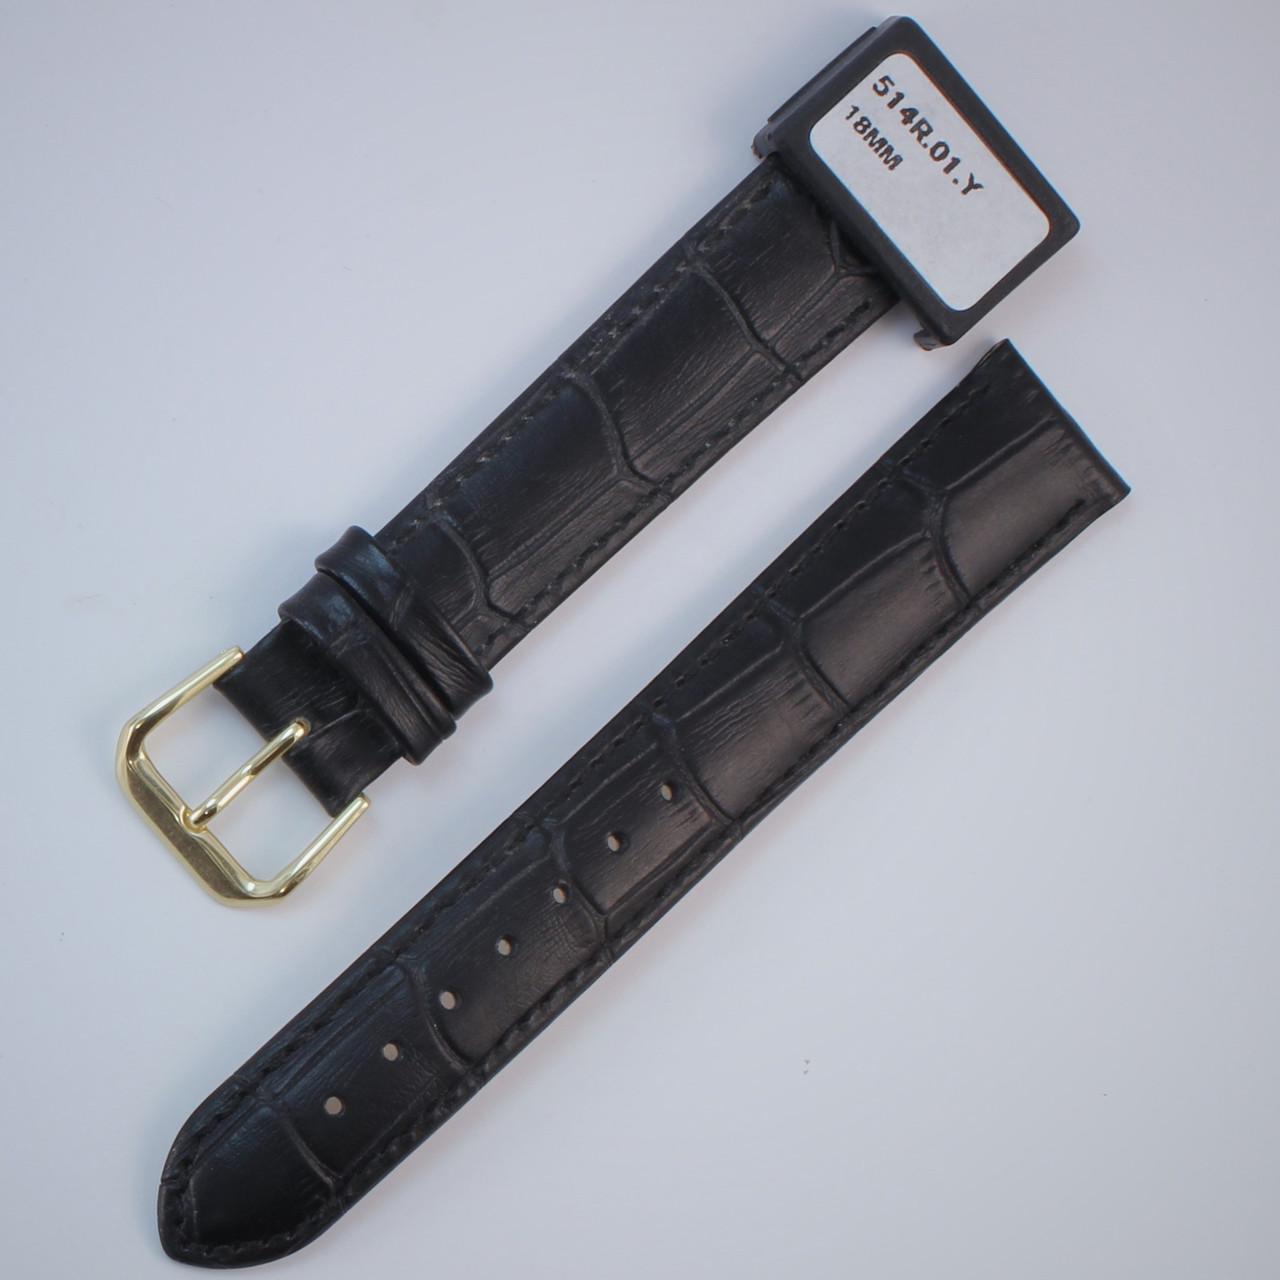 18 мм Кожаный Ремешок для часов CONDOR 514L.18.01 Черный Ремешок на часы из Натуральной кожи удлиненный